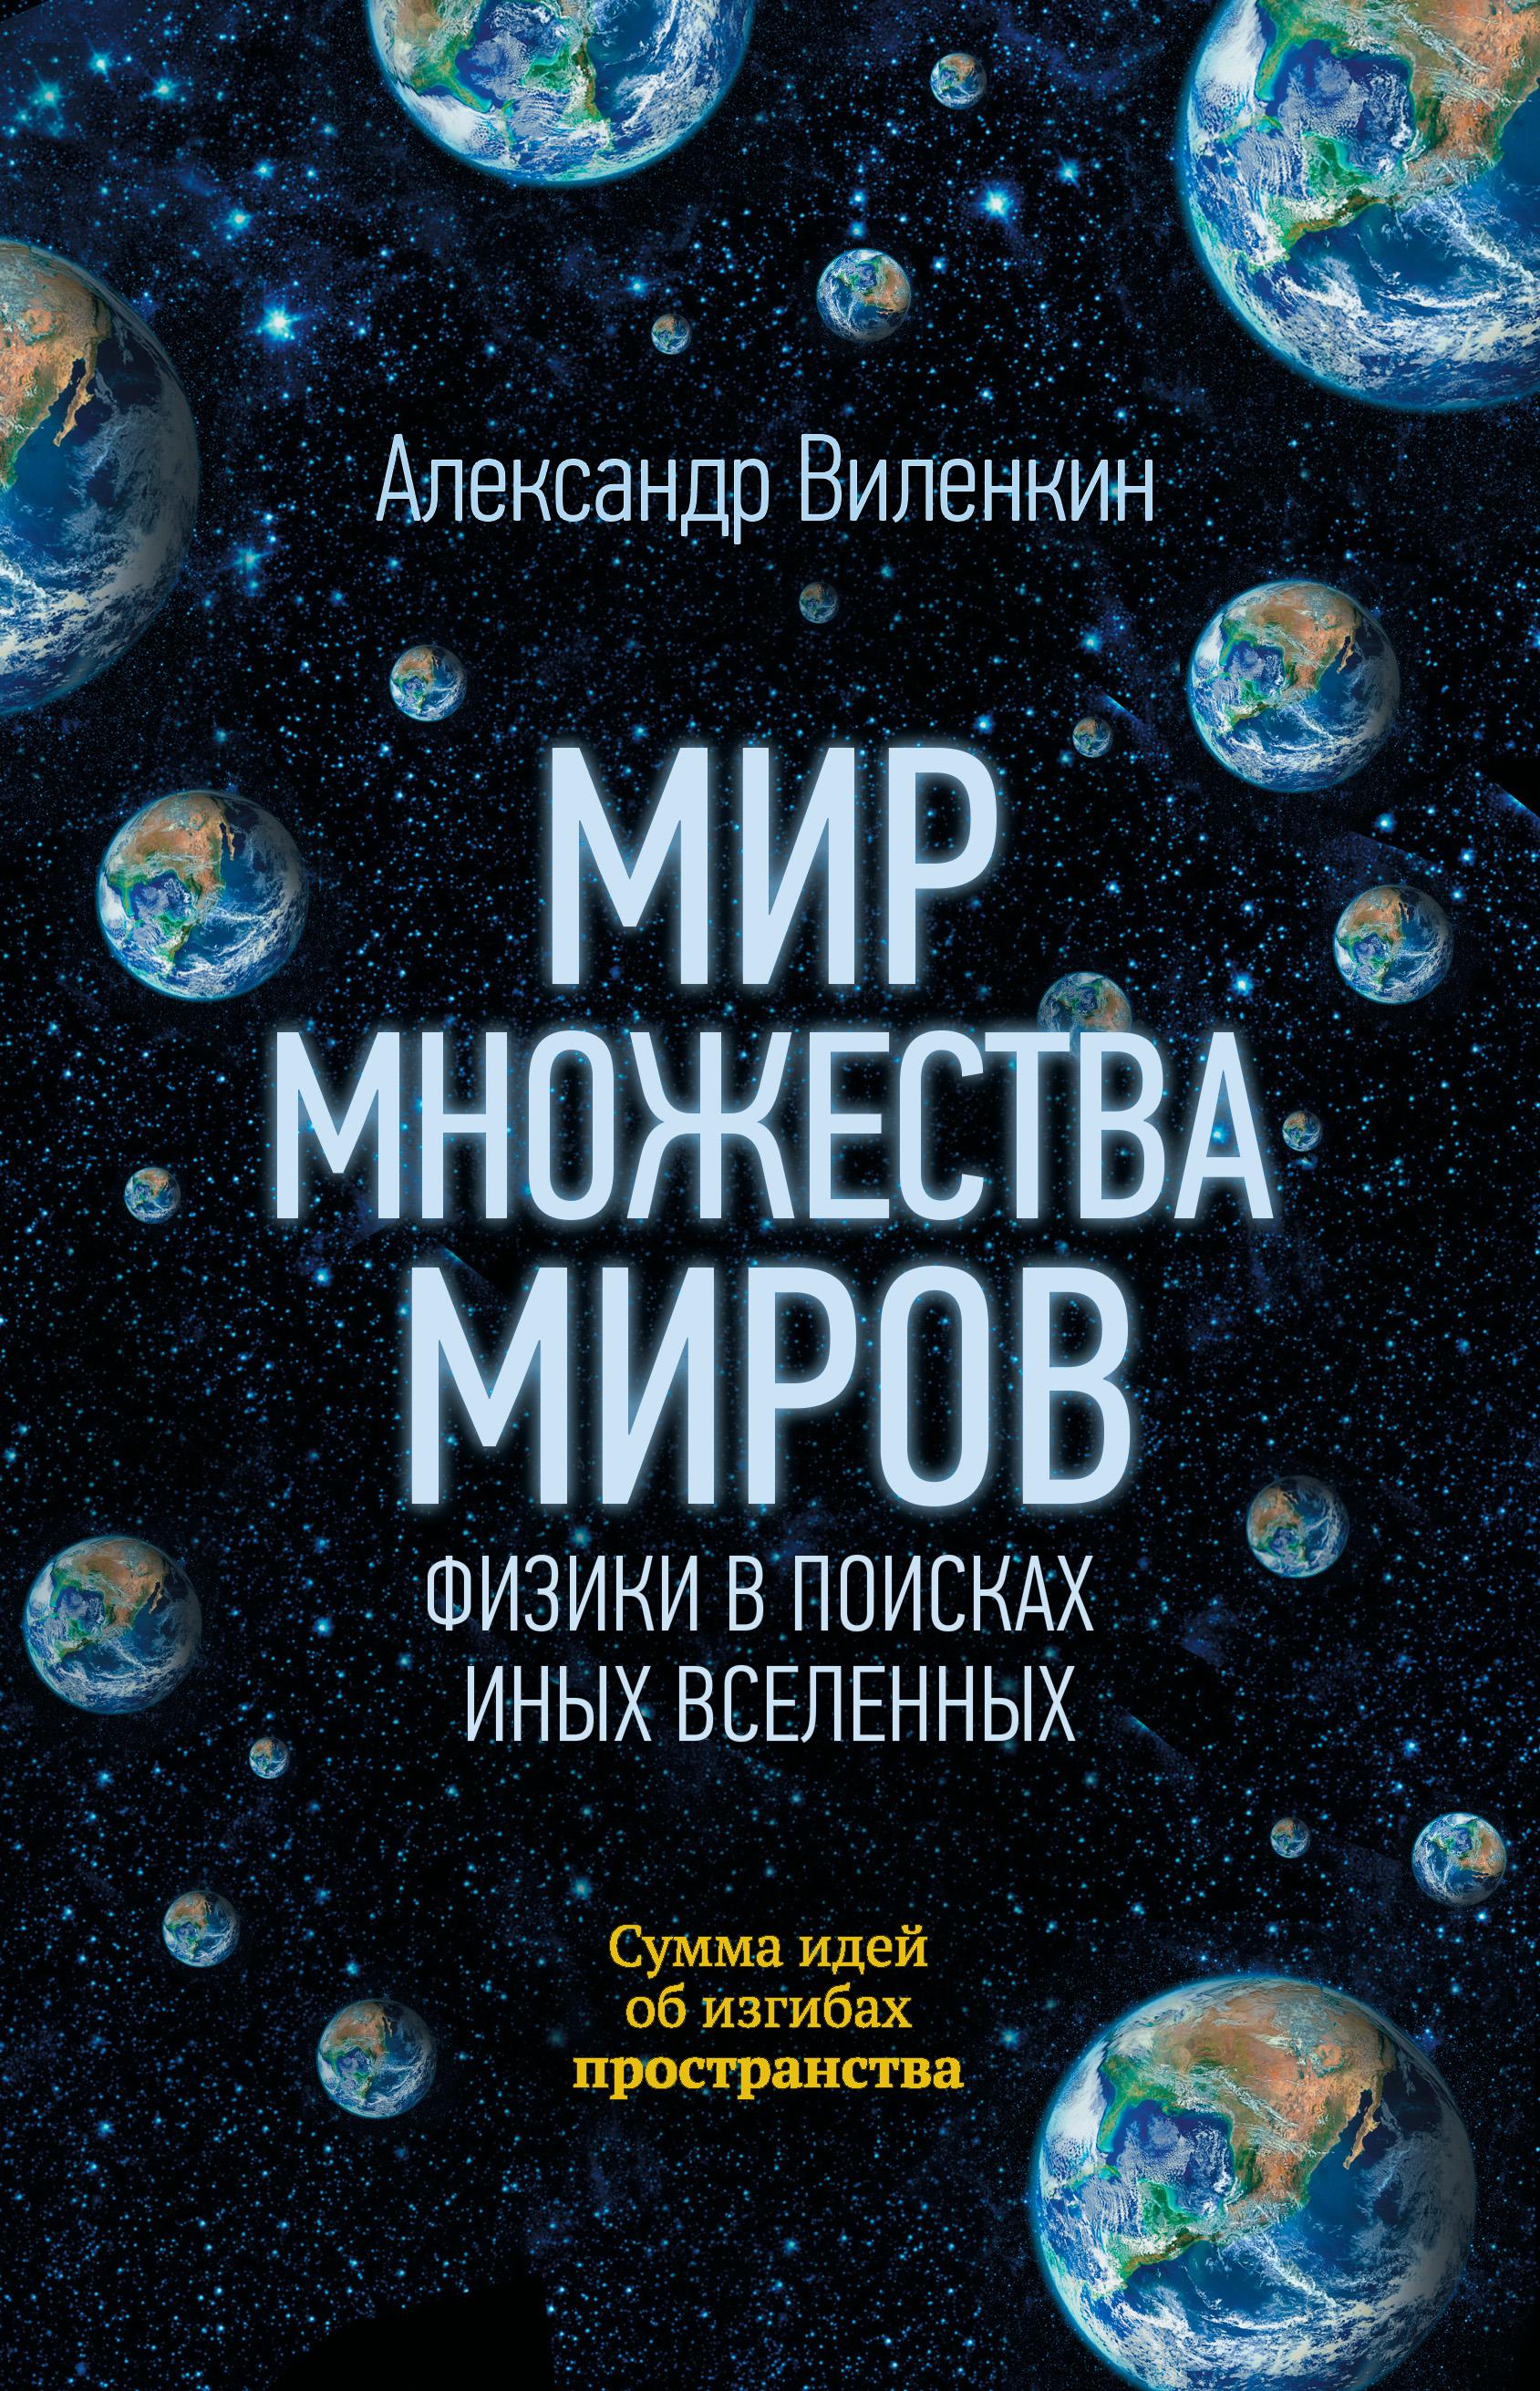 Мир множества миров. Физики в поисках иных вселенных